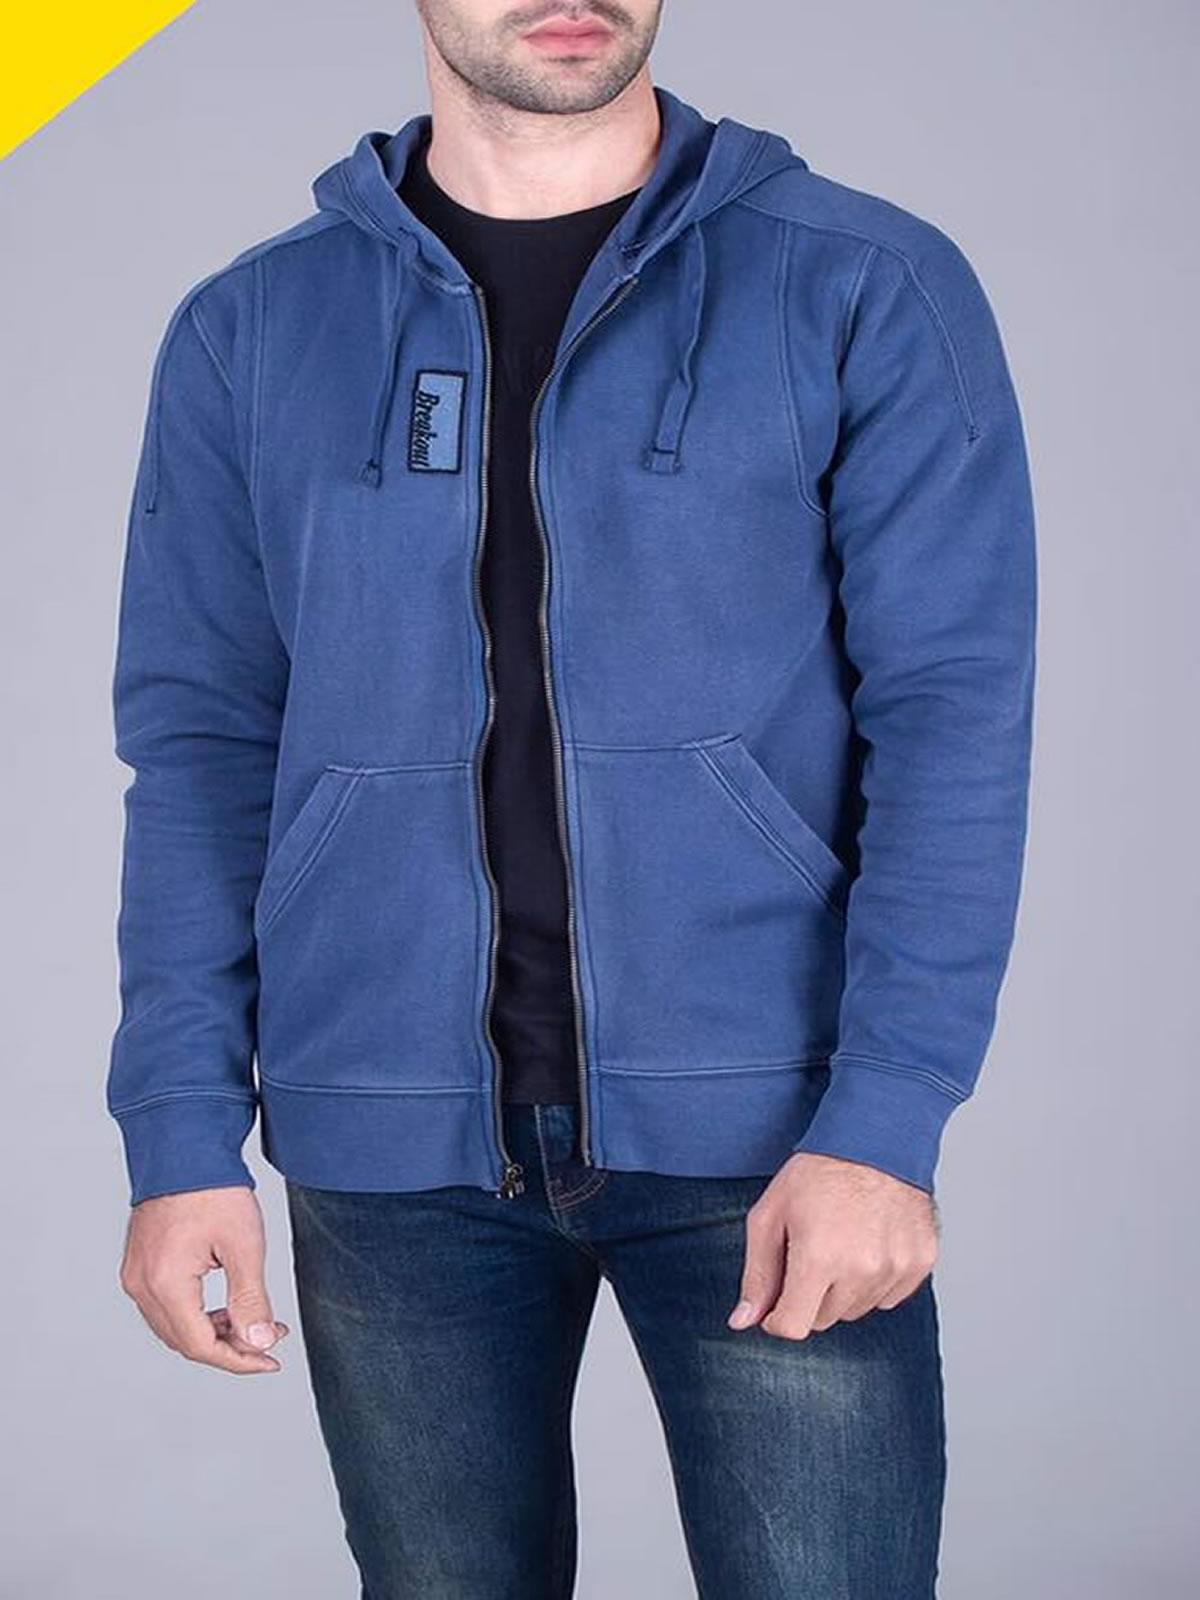 winter wear hoodies for menby breakout